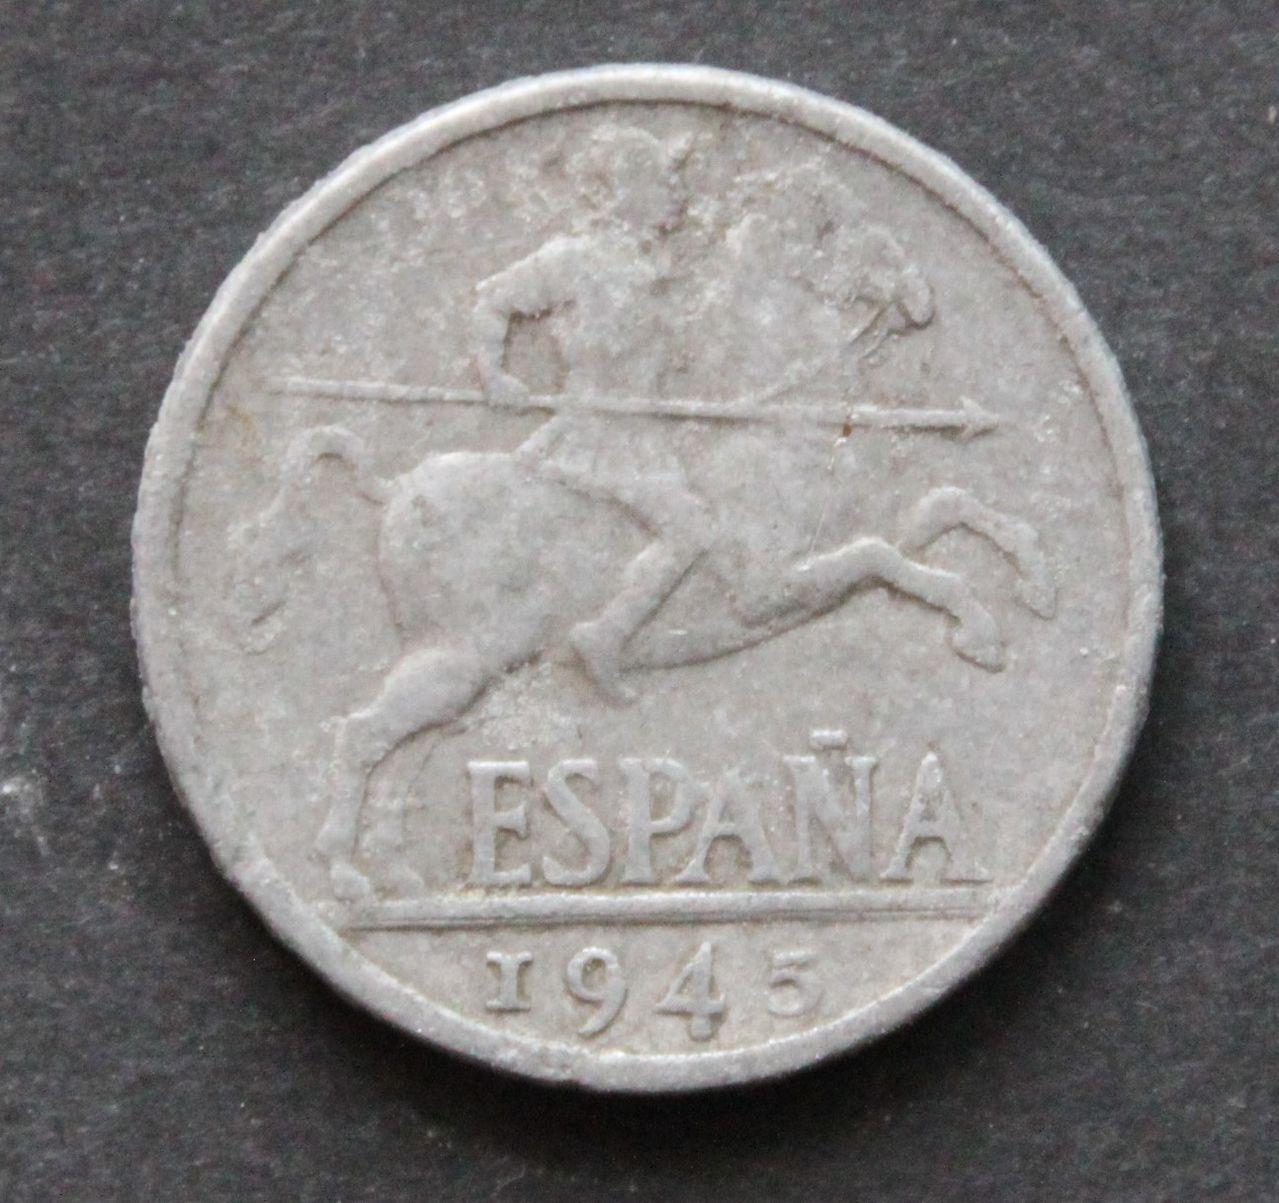 otros 10 céntimos estado español, año 1945 IMG_1376